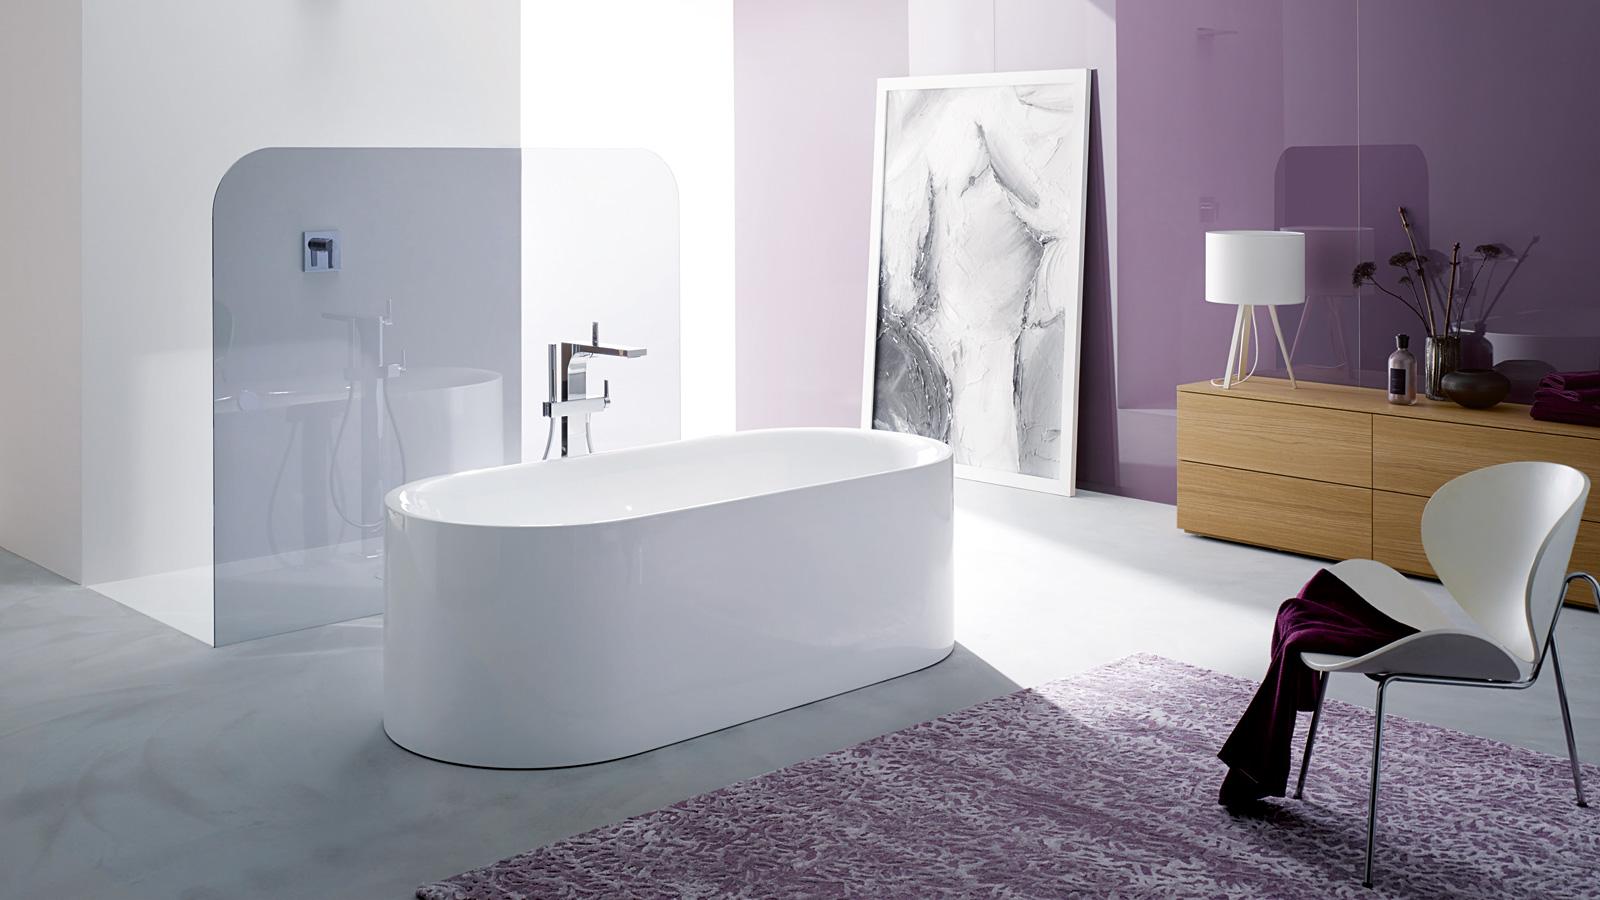 Jede Badmodernisierung Beginnt Mit Einer Vision. Mit Ihrer Vision. In Ihrem  Kopf. Wir Badplaner Haben Auch Visionen, Wie Ein Qualitätvolles Neues Bad  ...